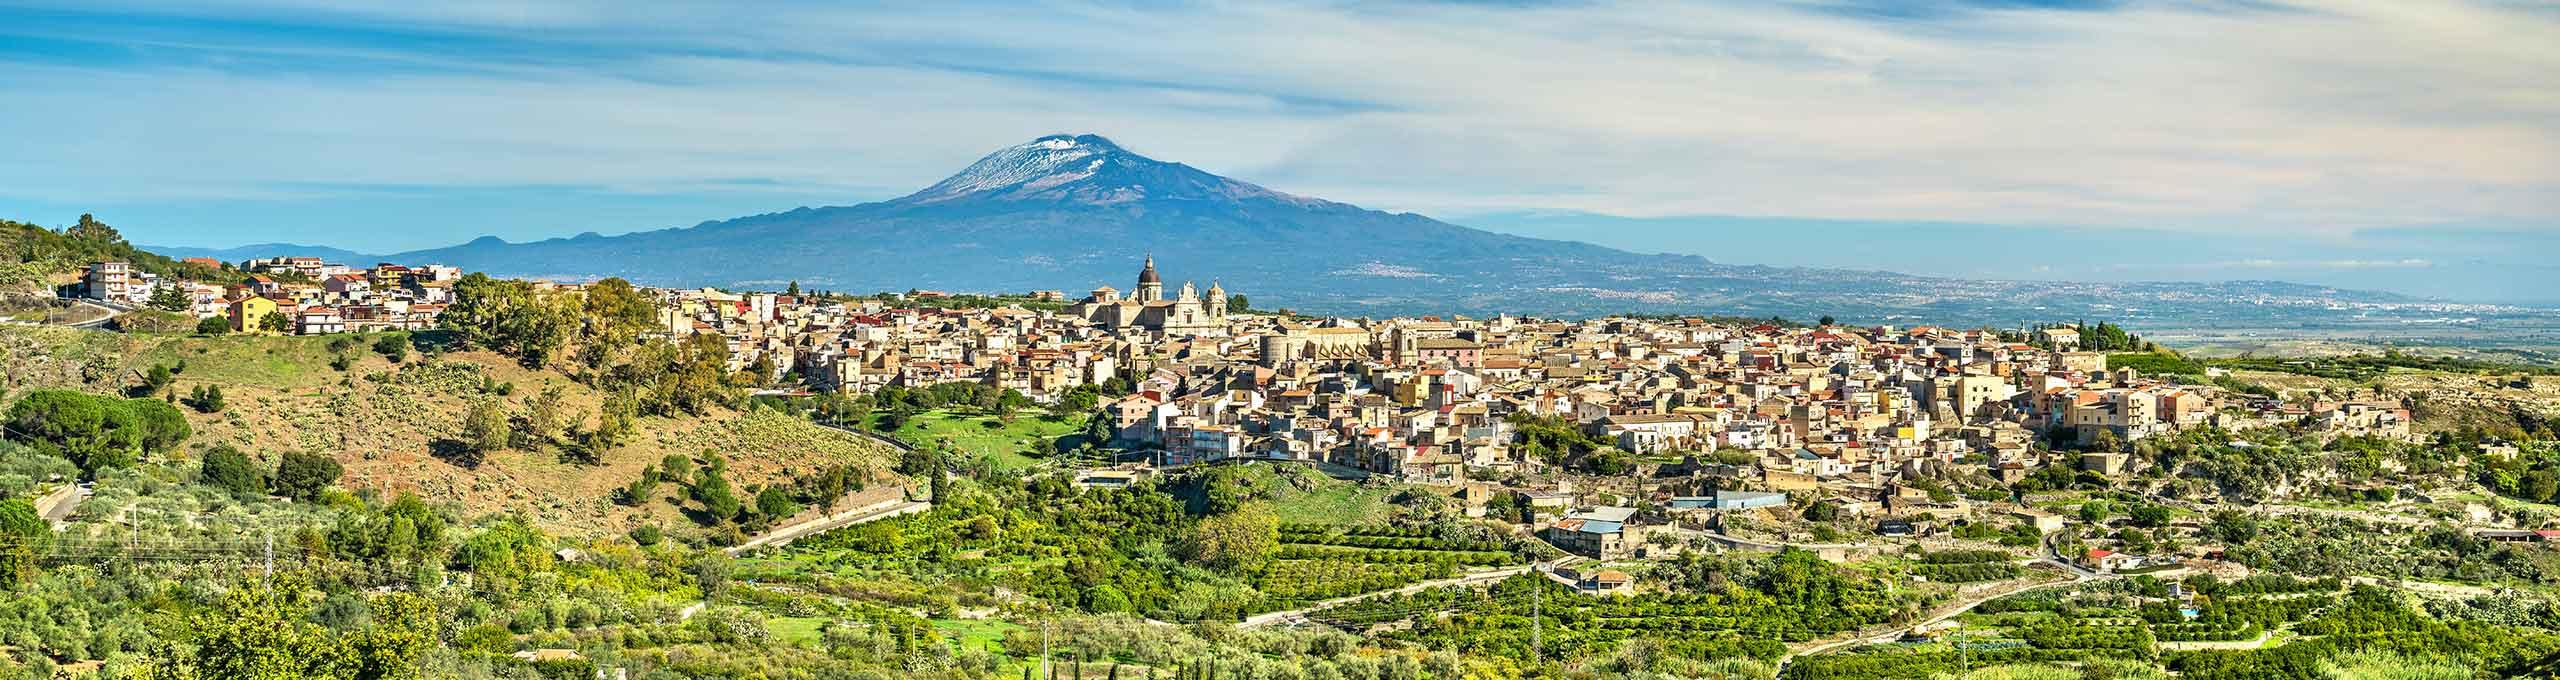 Militello, Val di Noto, Etna sulla sfondo